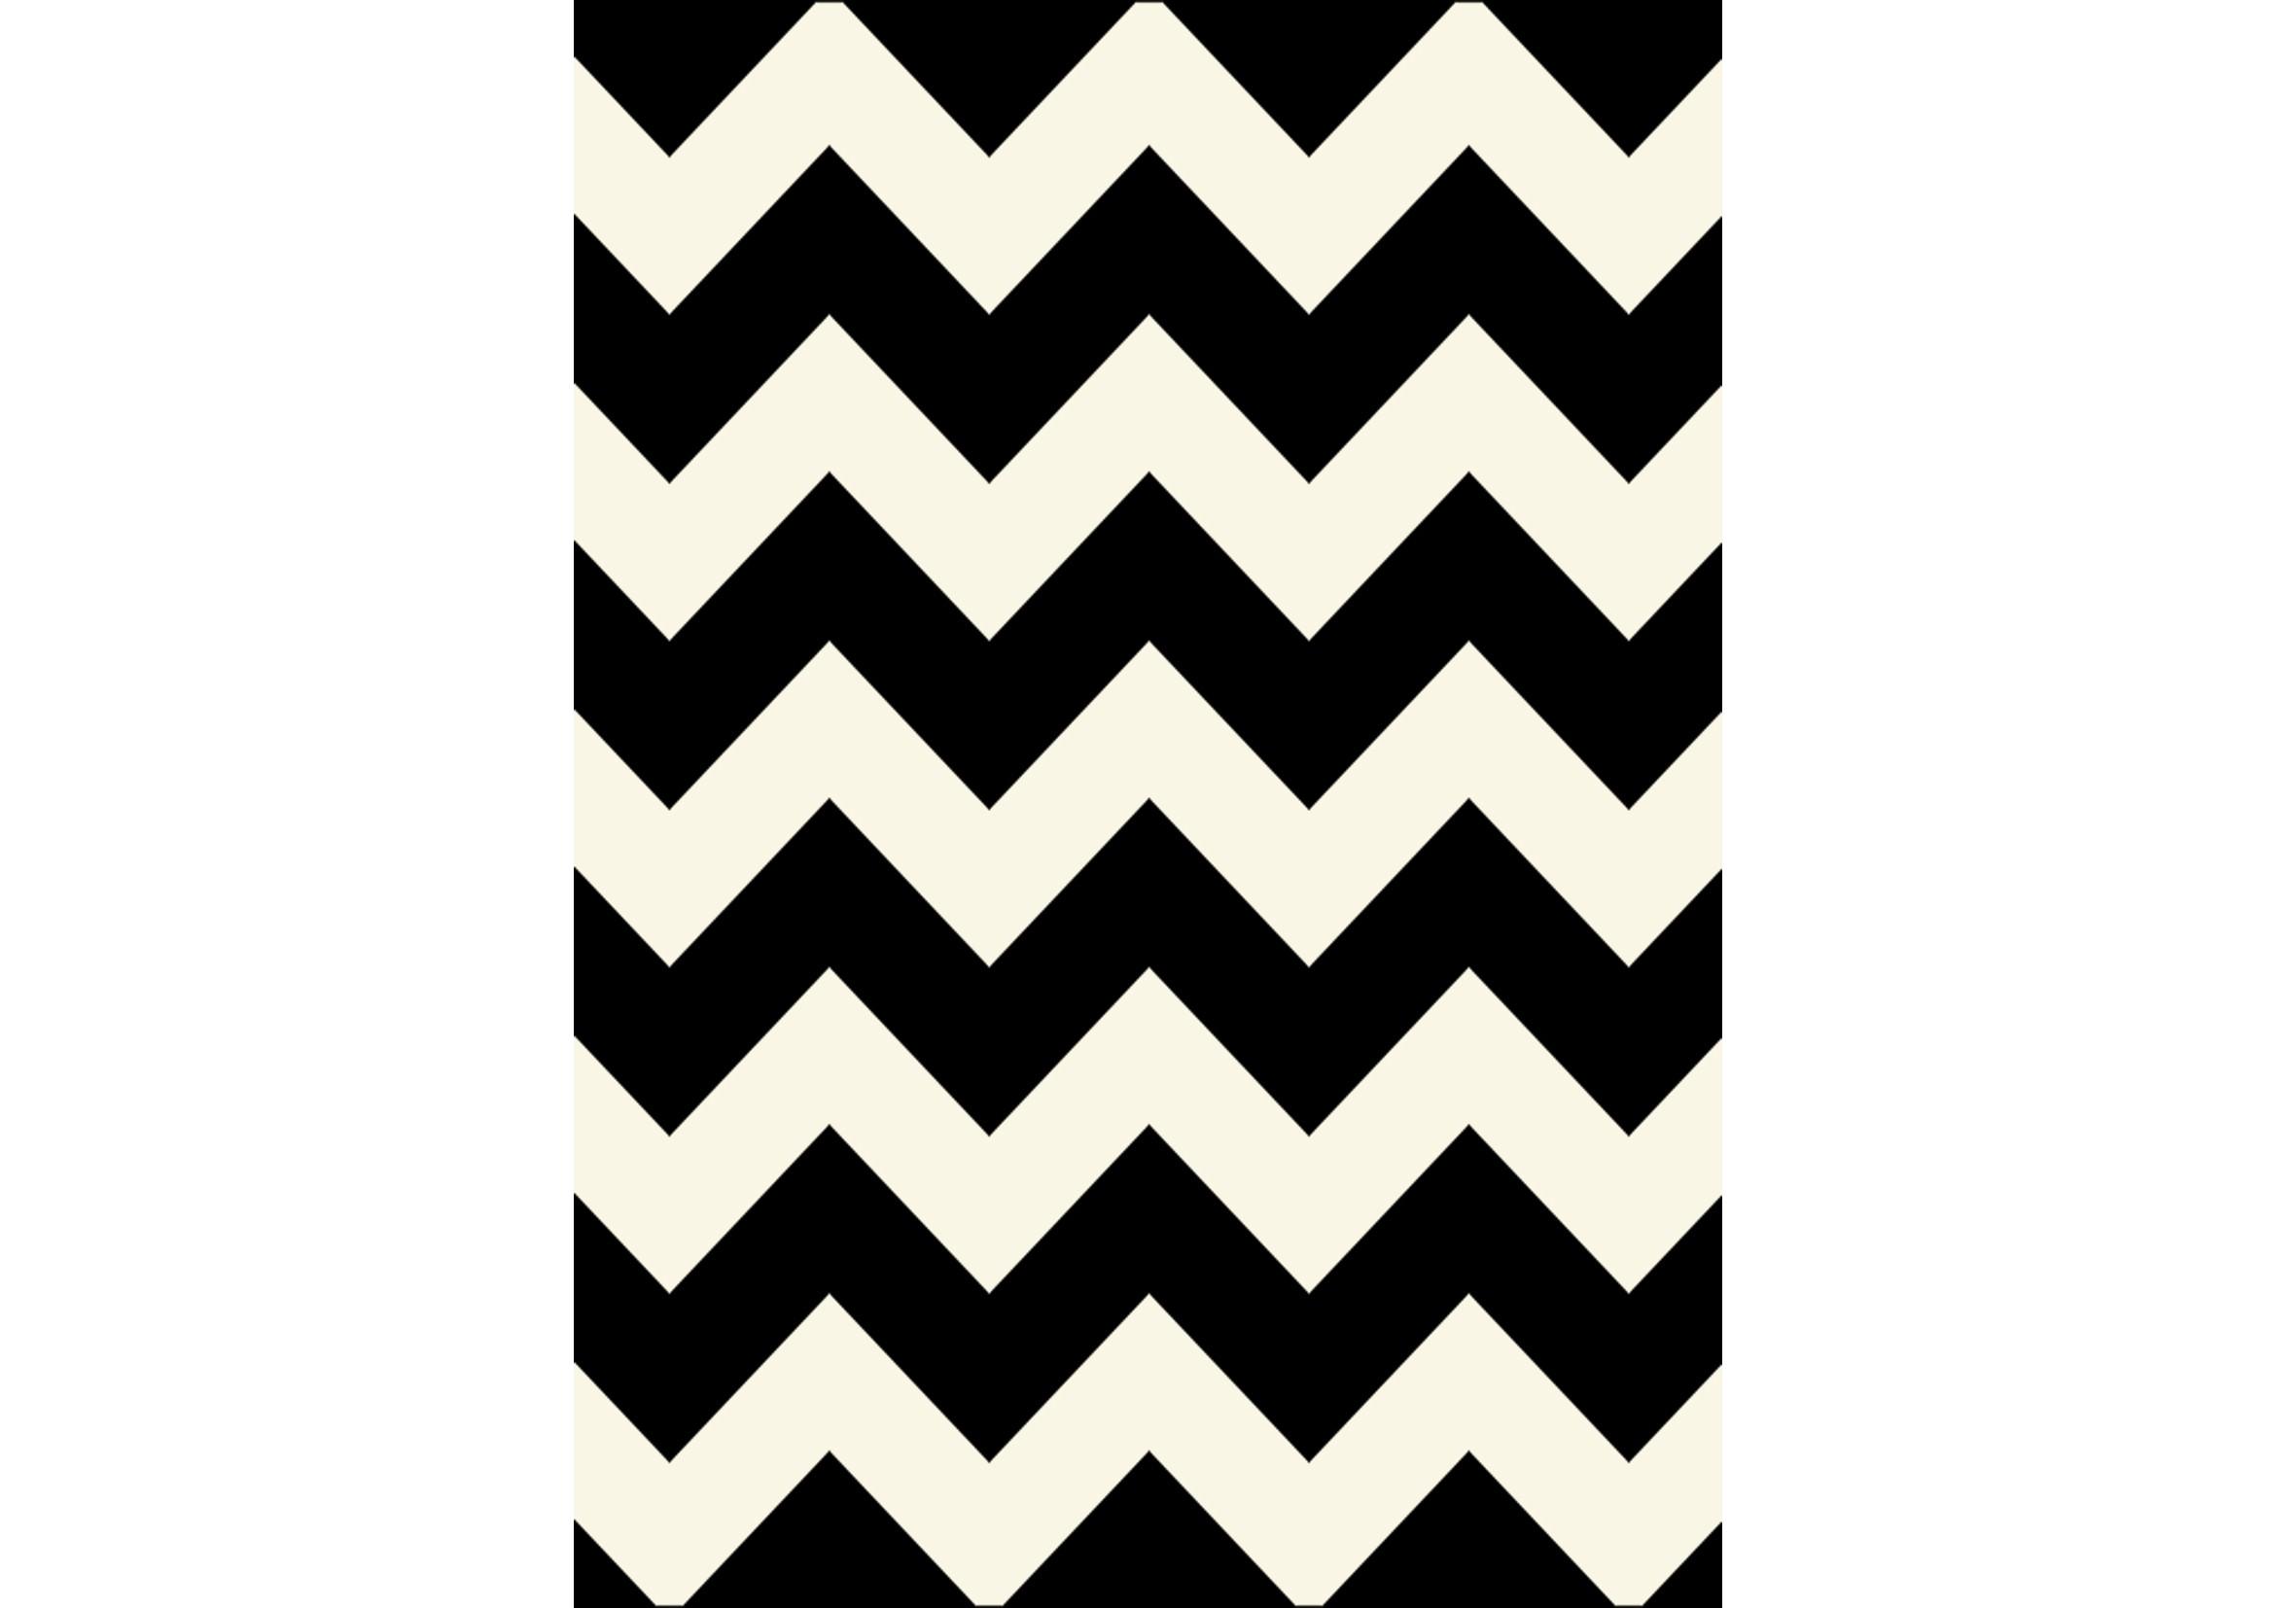 Ковер Life 150х80Прямоугольные ковры<br>Материал: 100% Полипропилен.<br><br>Material: Текстиль<br>Ширина см: 150<br>Глубина см: 80